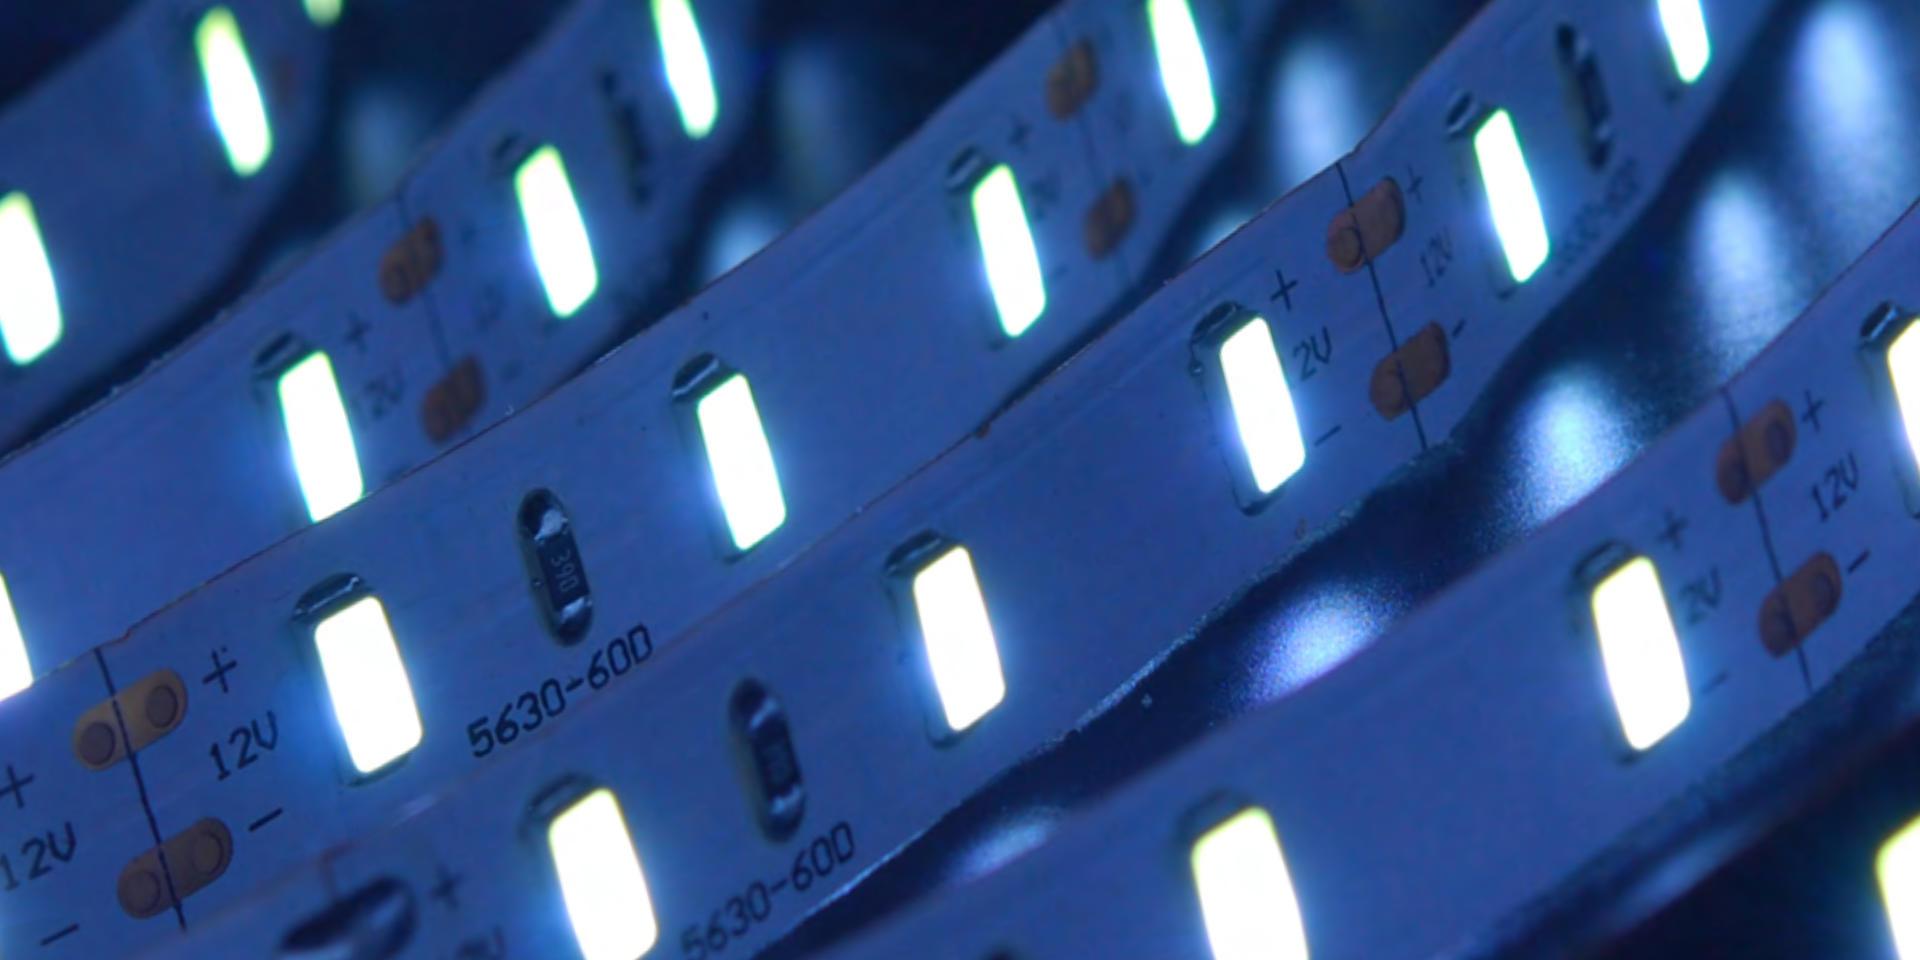 LED STRIPES<br><H6> DOWNLOAD</H6>